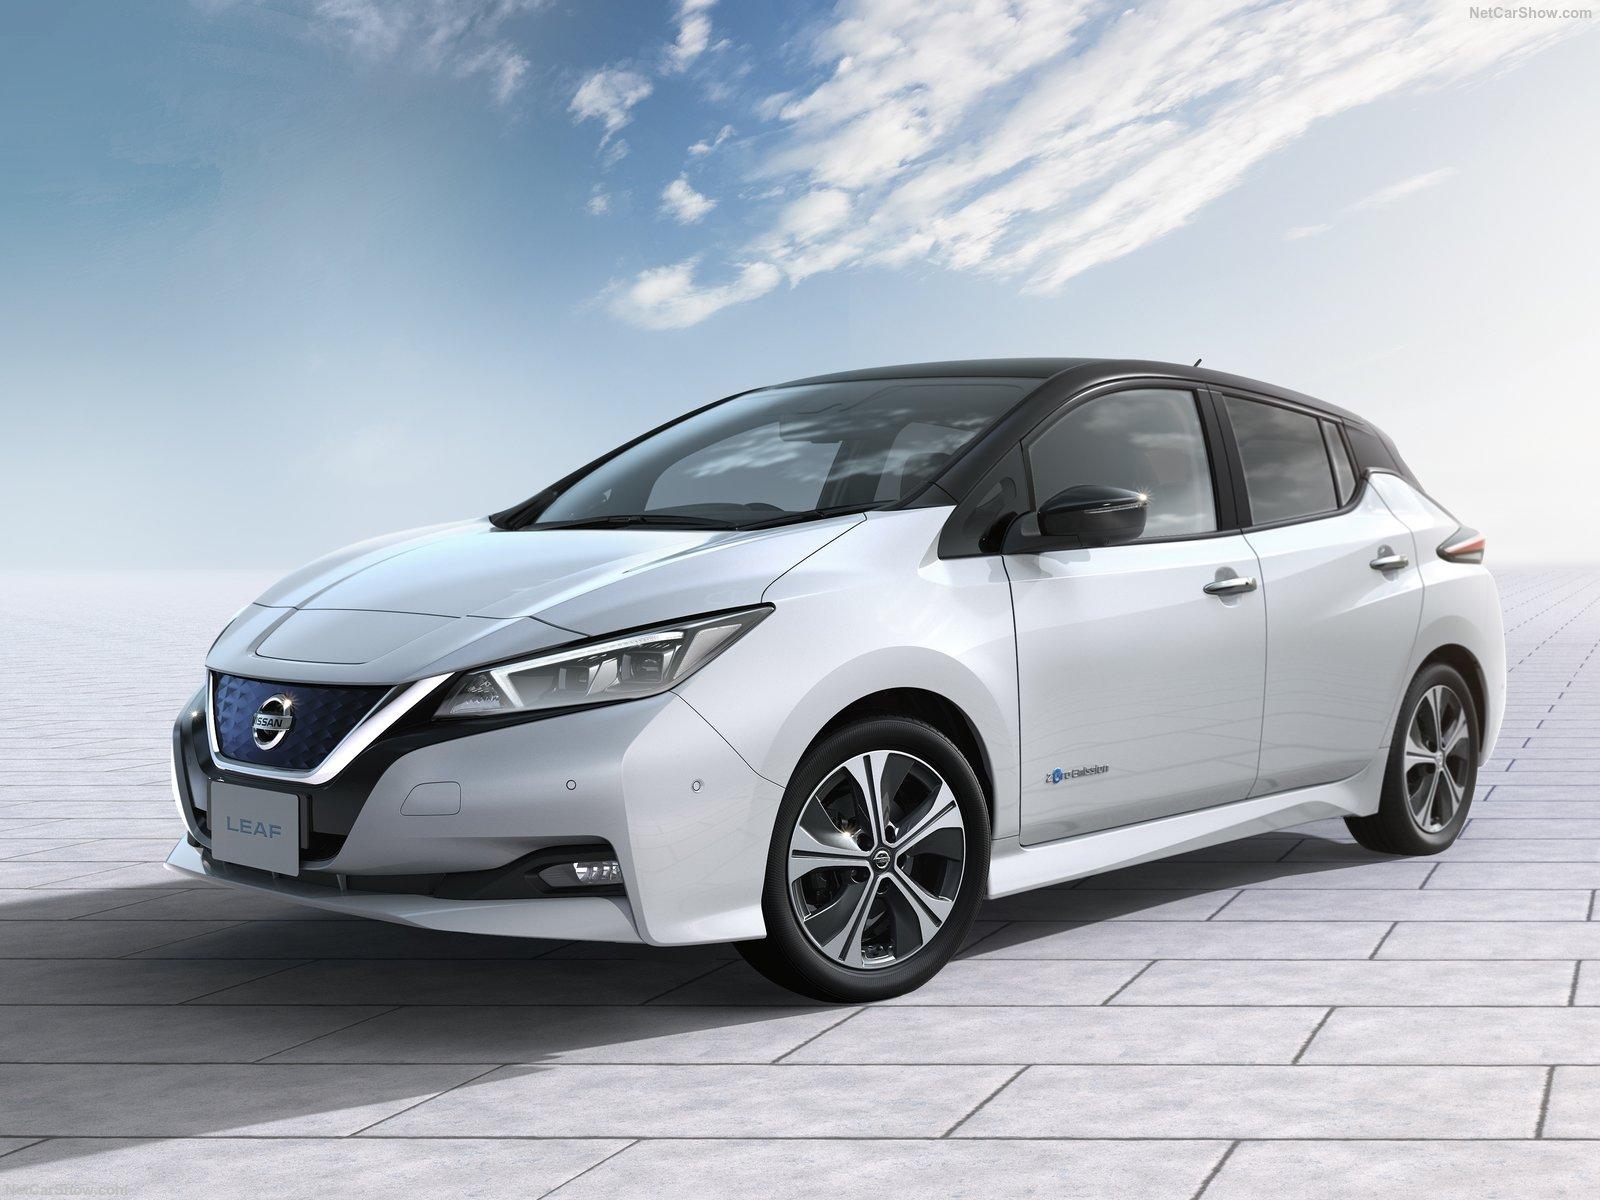 De Fonkelnieuwe Versie Van De Nissan Leaf Is Er Eindelijk